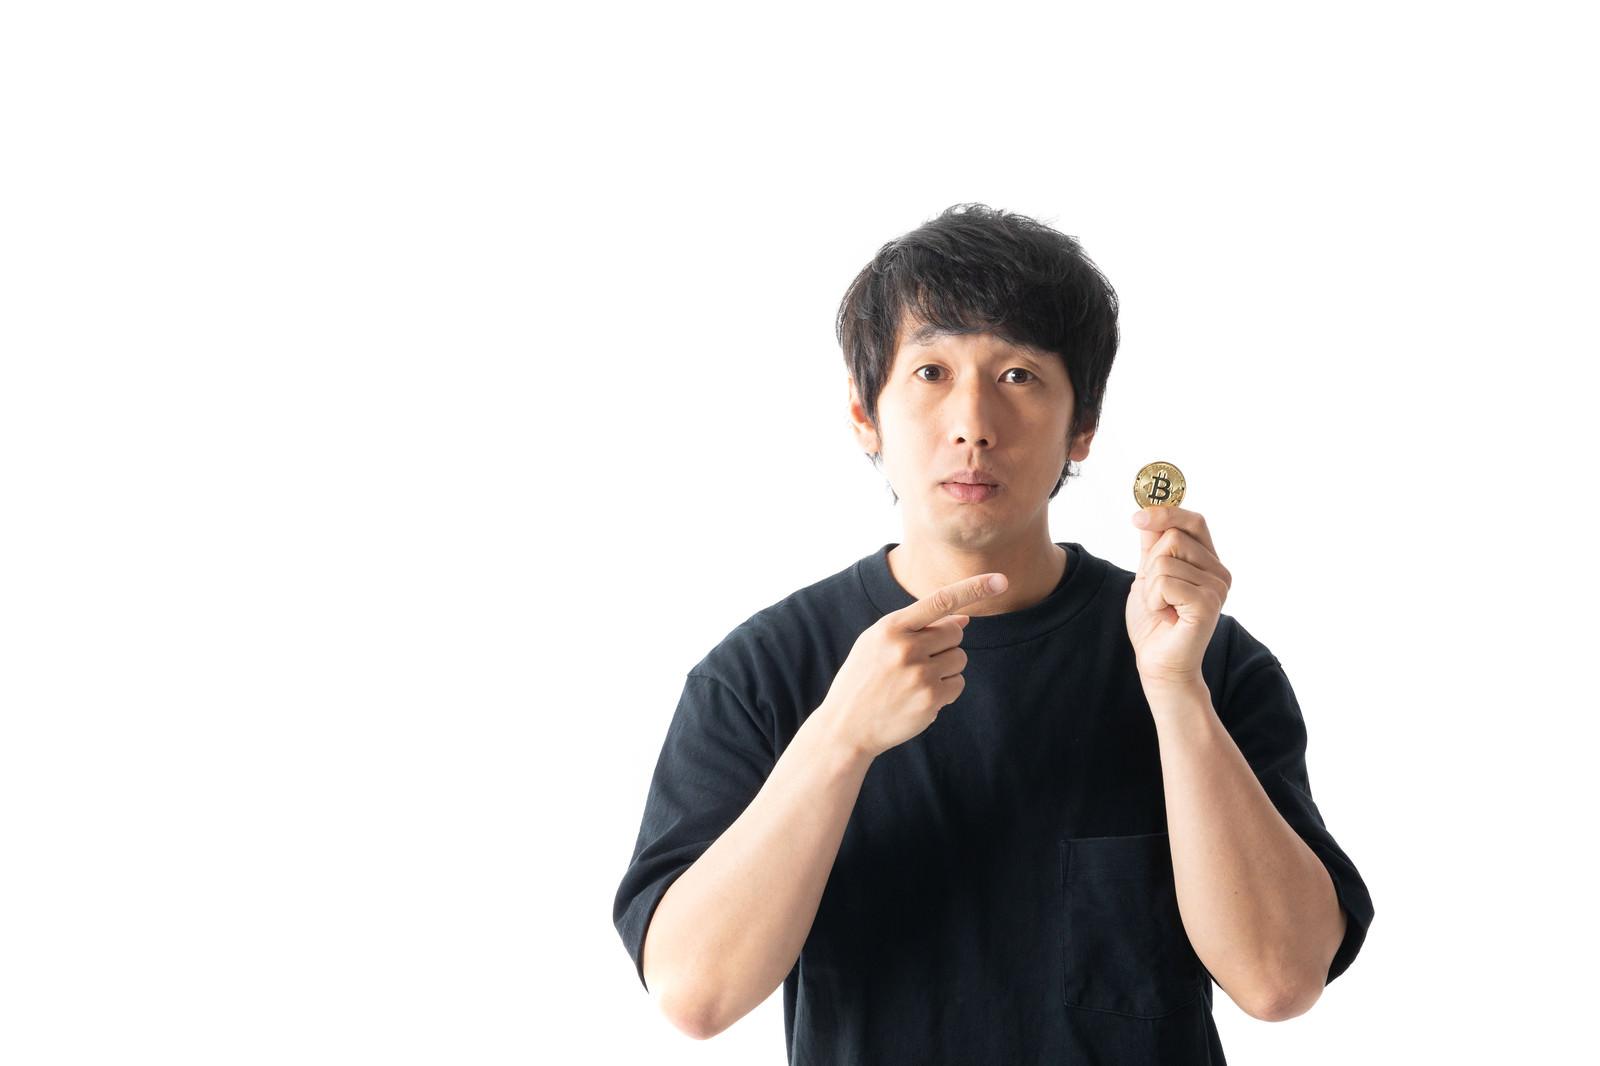 「ビットコインをはじめる令和組」の写真[モデル:大川竜弥]